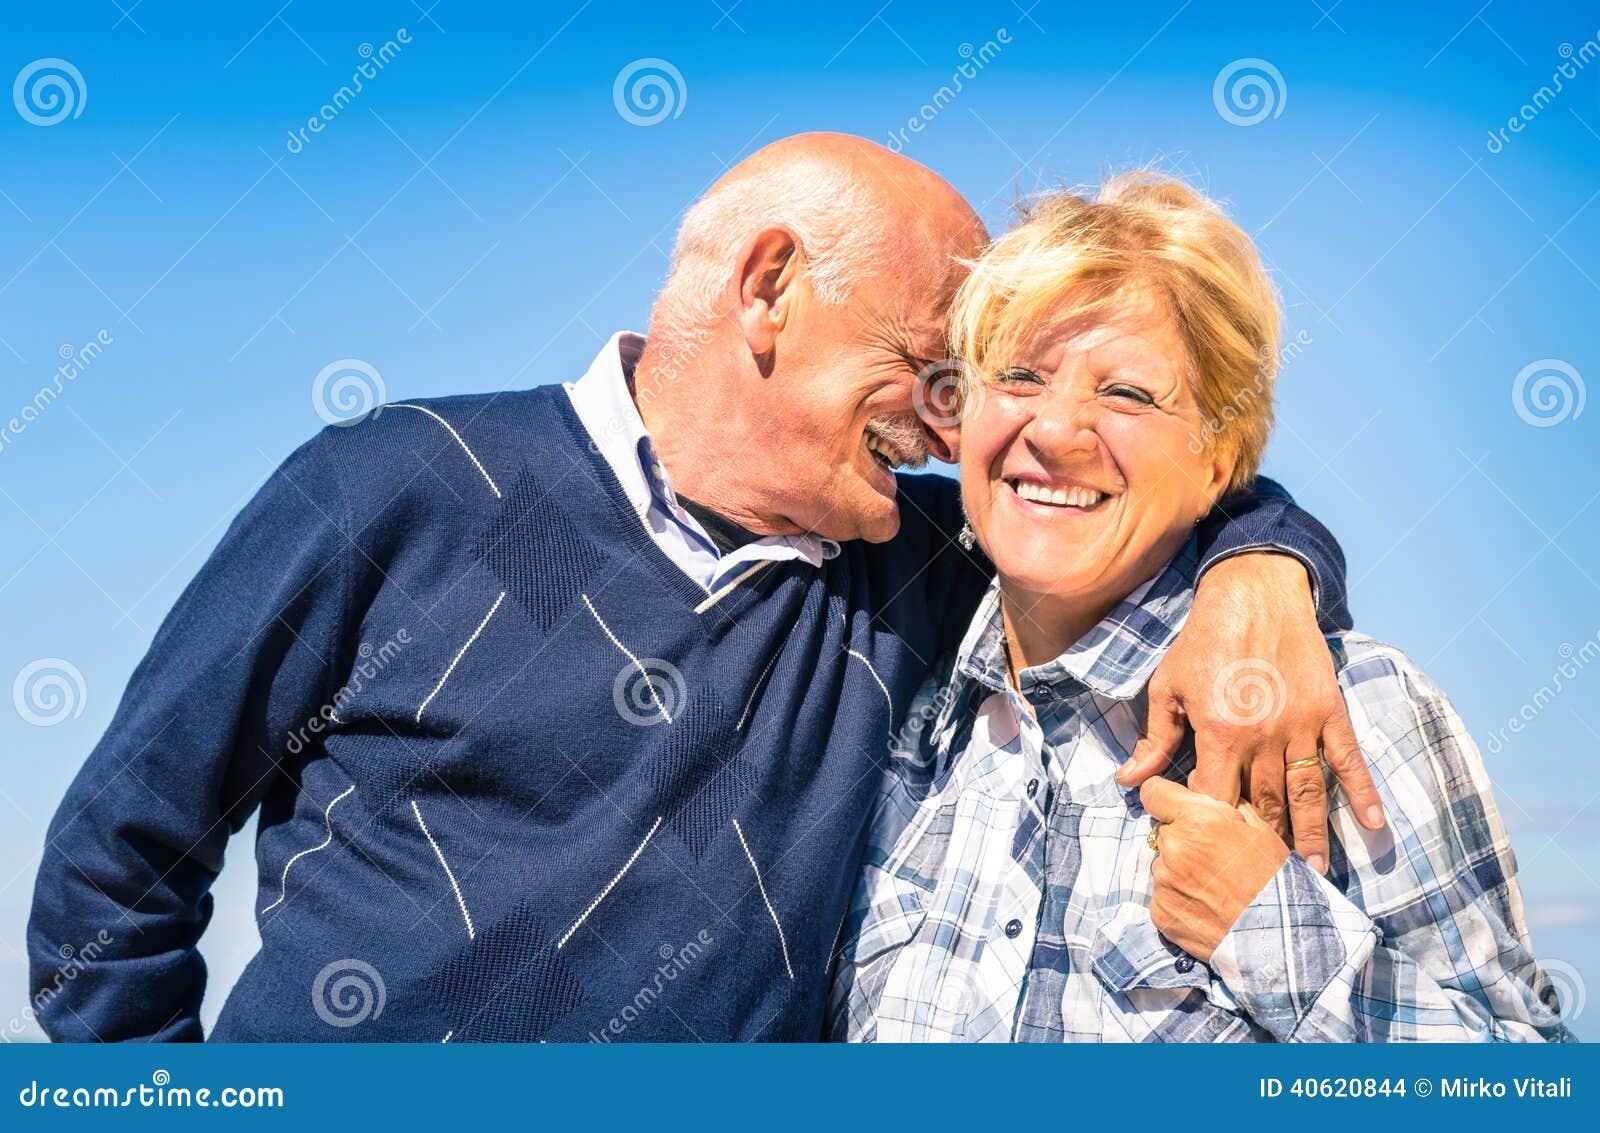 Gelukkig hoger paar in liefde bij pensionering - Blije bejaarde levensstijl